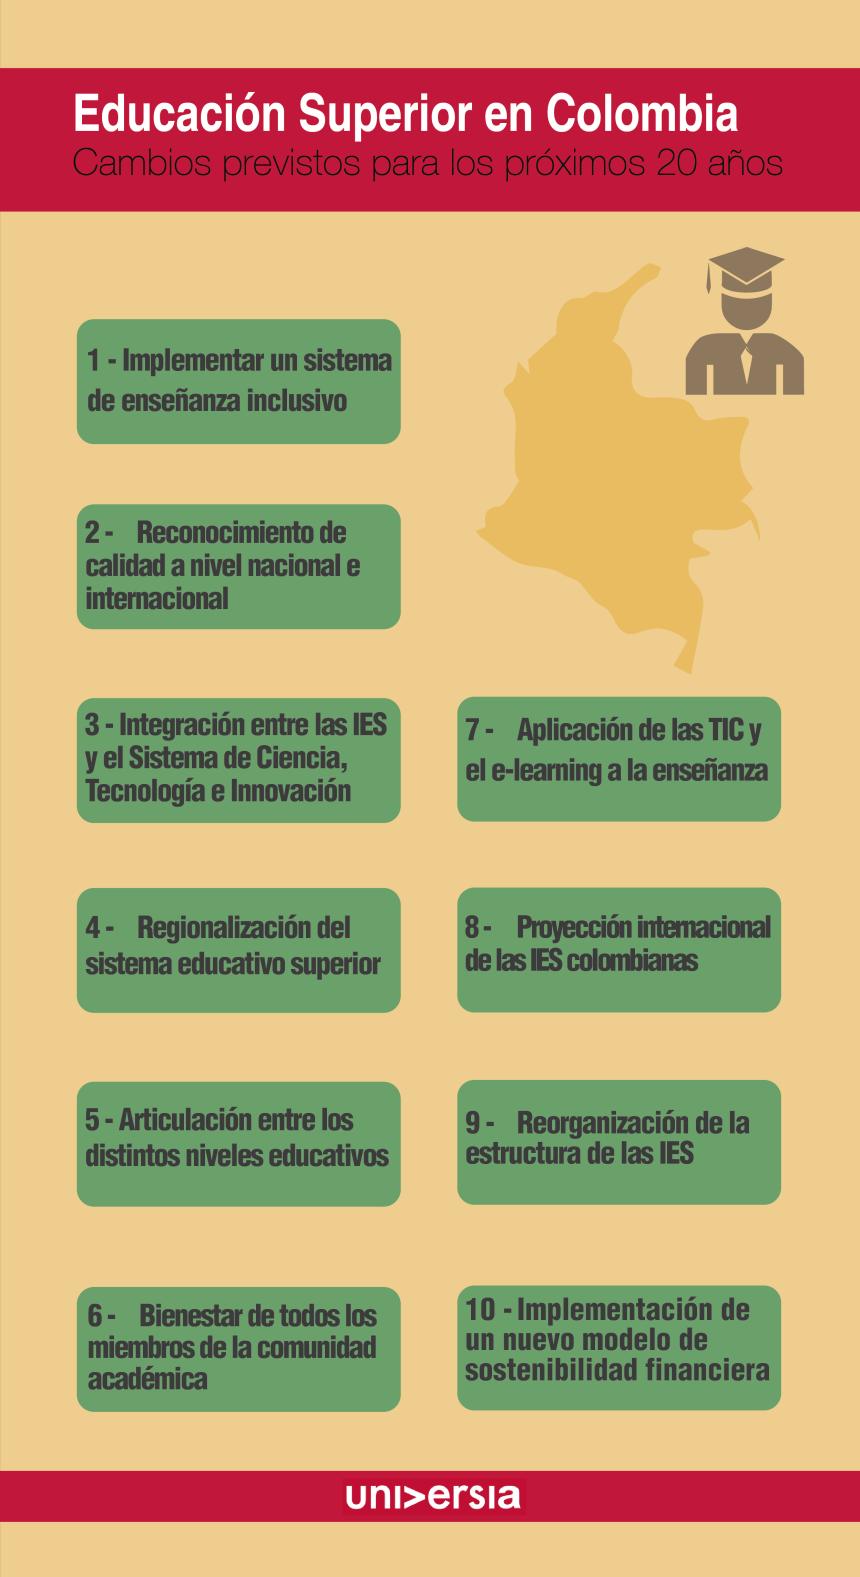 Educación superior en Colombia: próximos 20 años